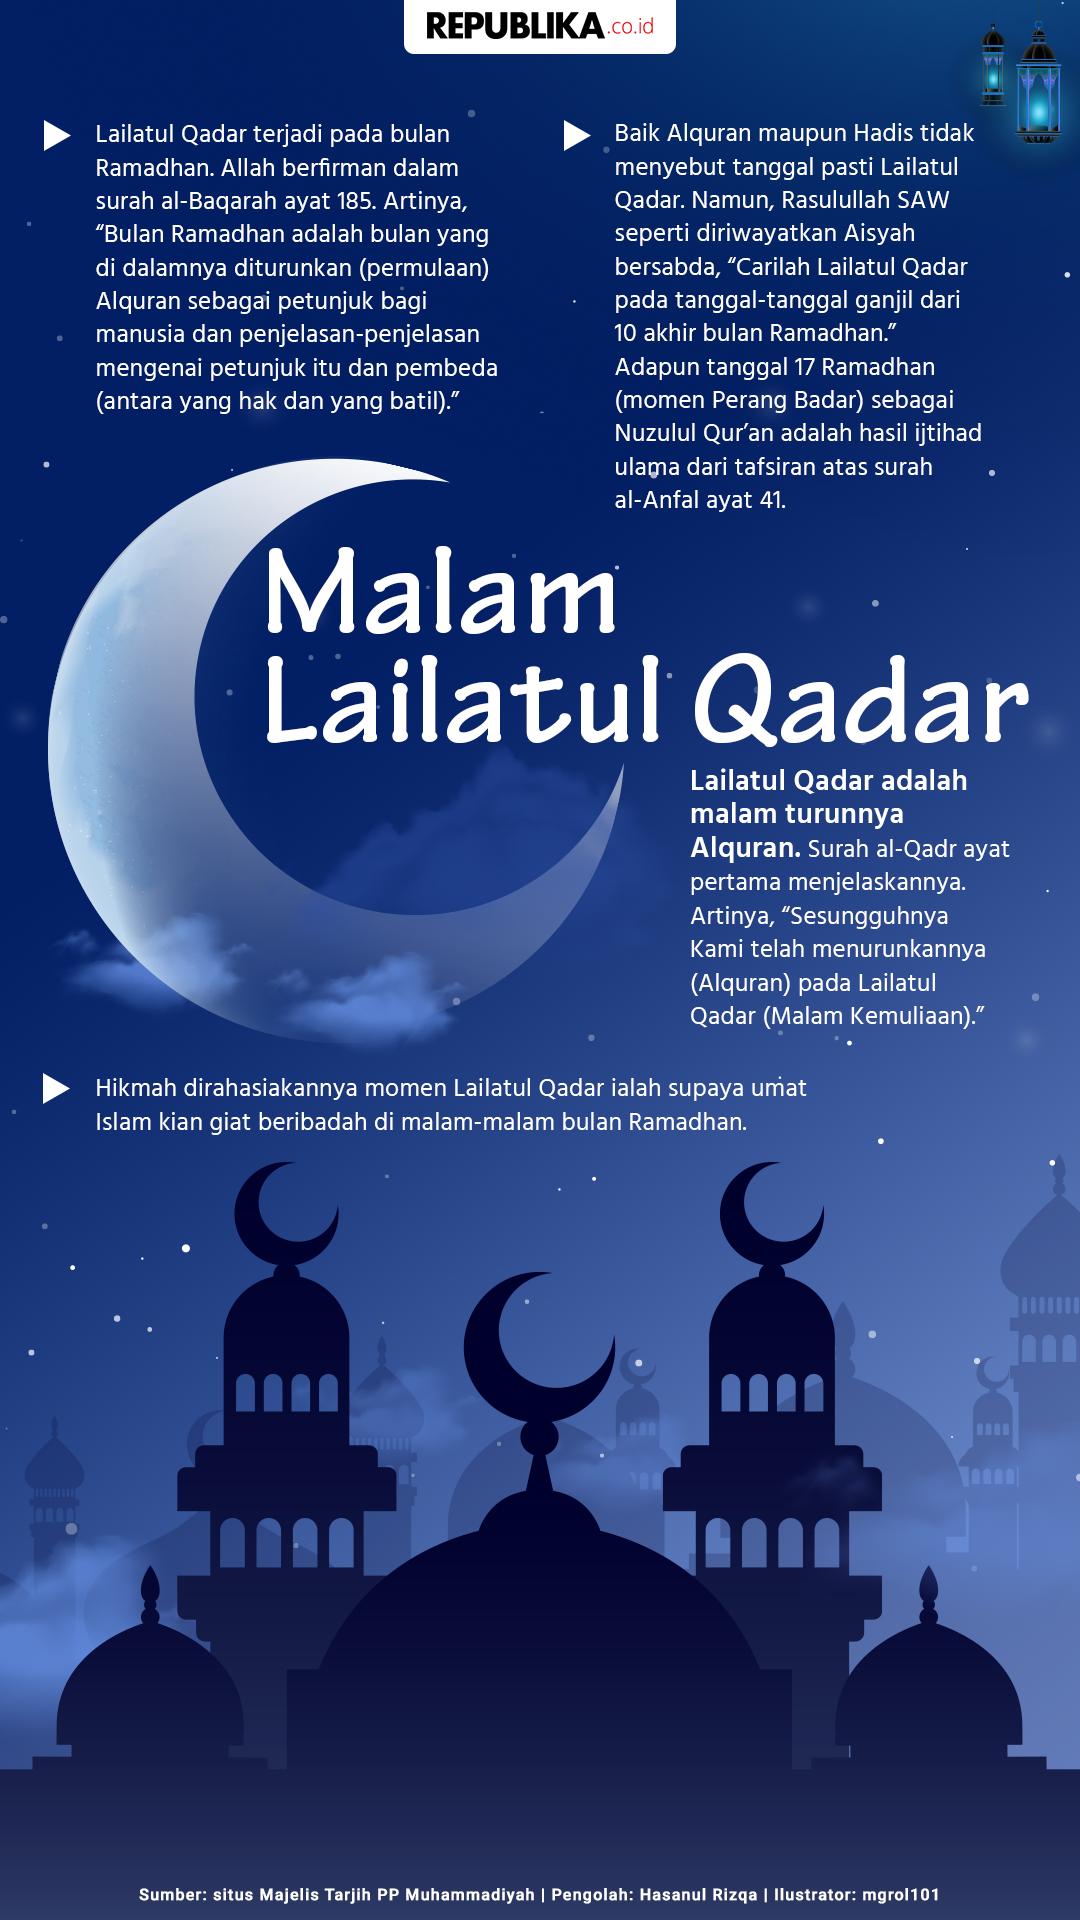 Apa Hikmah Dirahasiakannya Malam Lailatul Qadar Republika Online